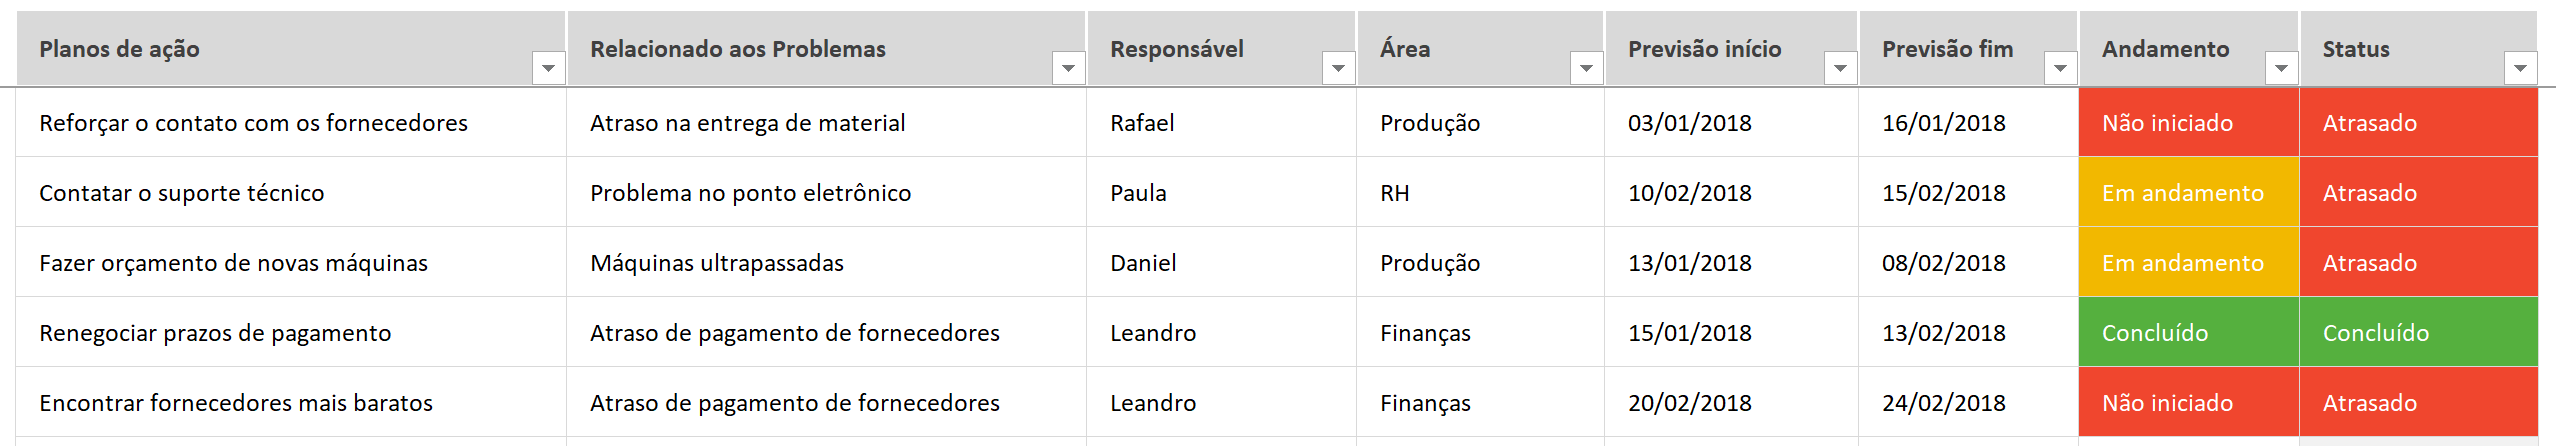 Matriz BASICO: Priorização de Projetos 2